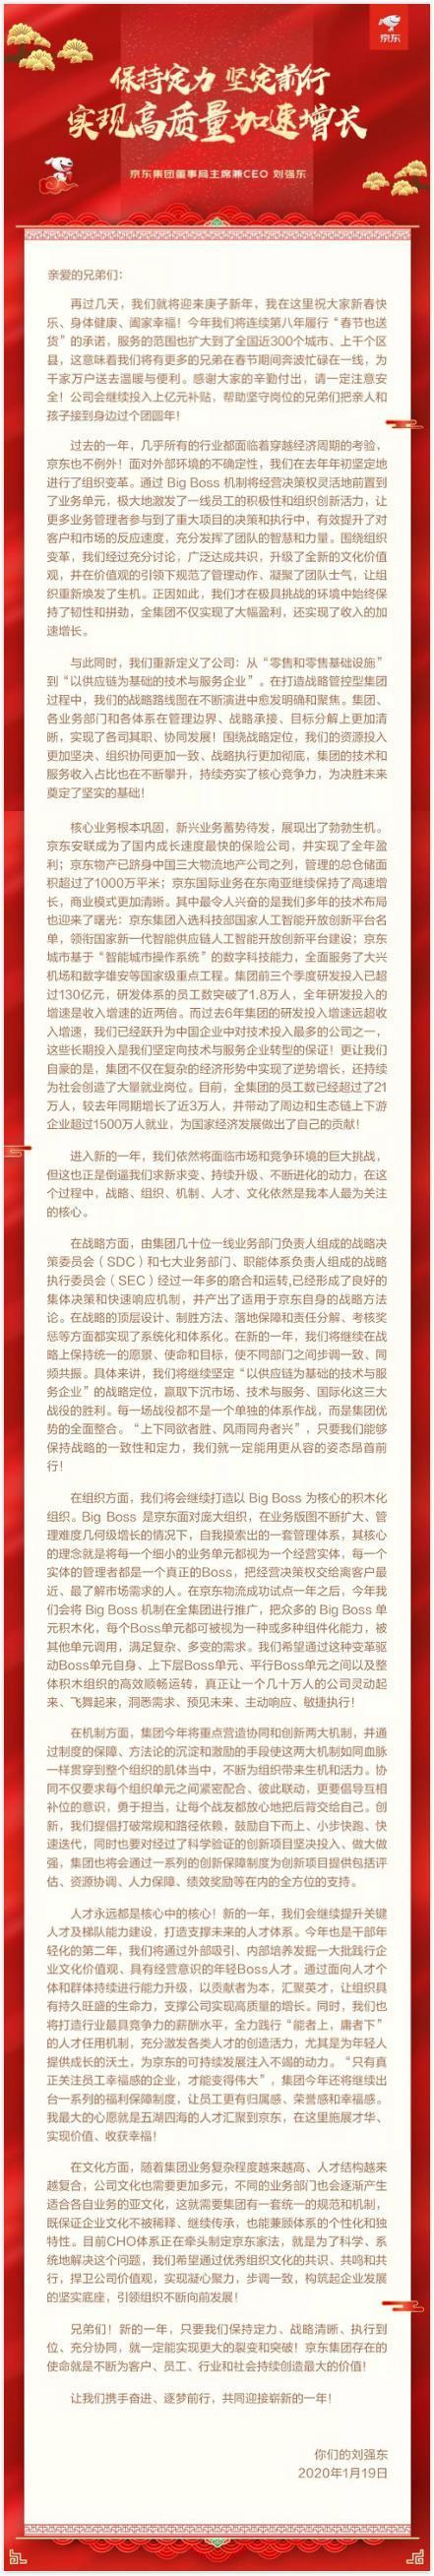 """刘强东发新春致员工信:员工总数超21万 人力正制定""""京东家法"""""""